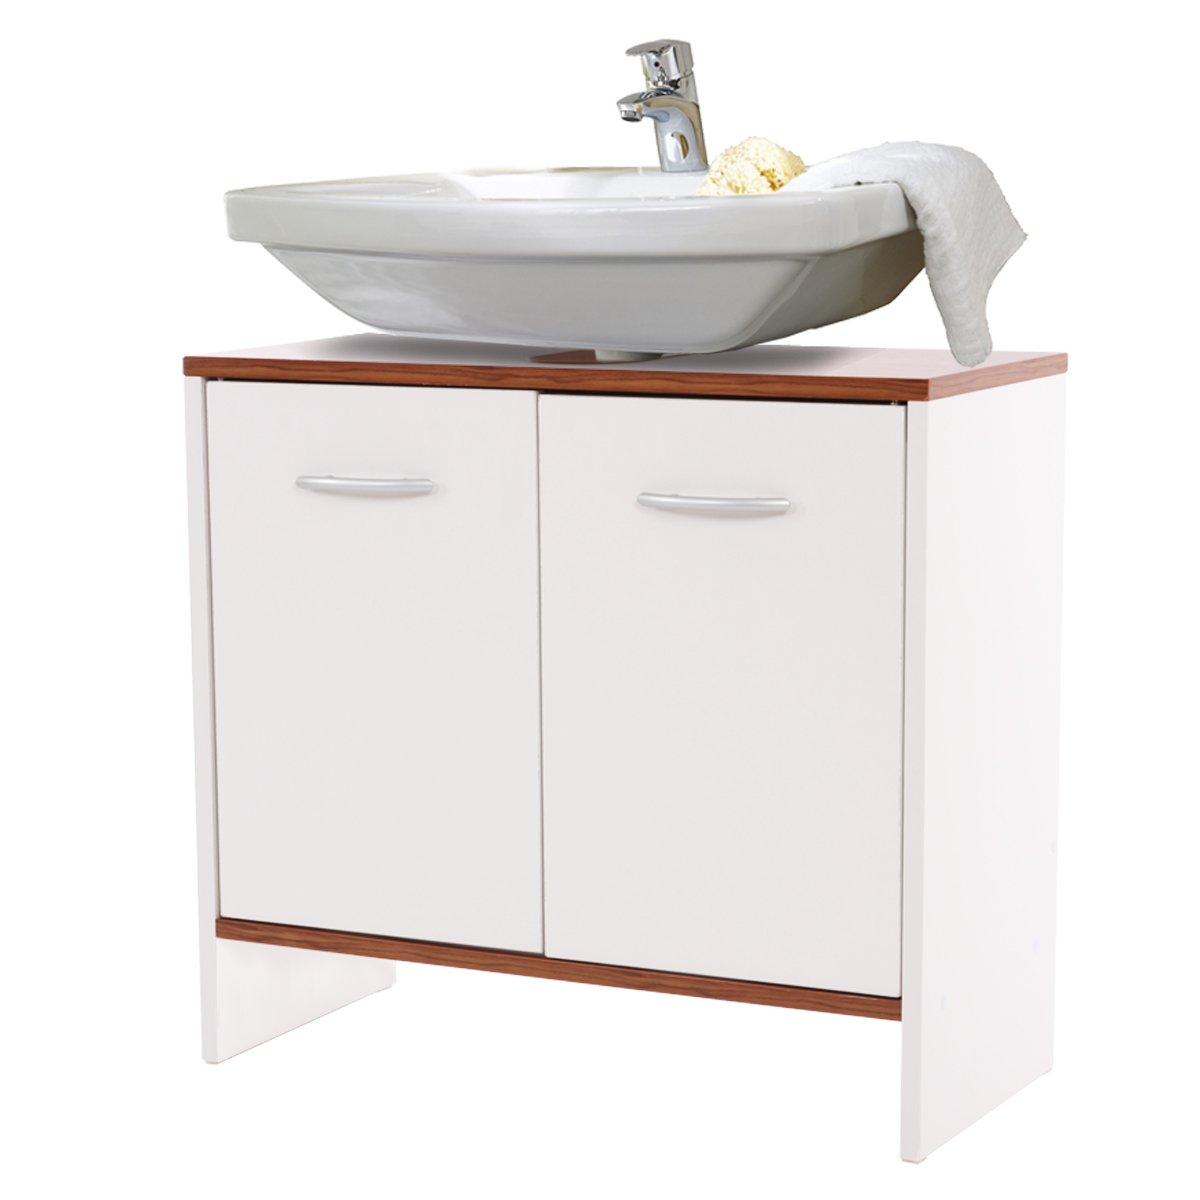 Mueble para el lavabo viola con dos cajones muy espaciosos - Mueble para lavabo ...